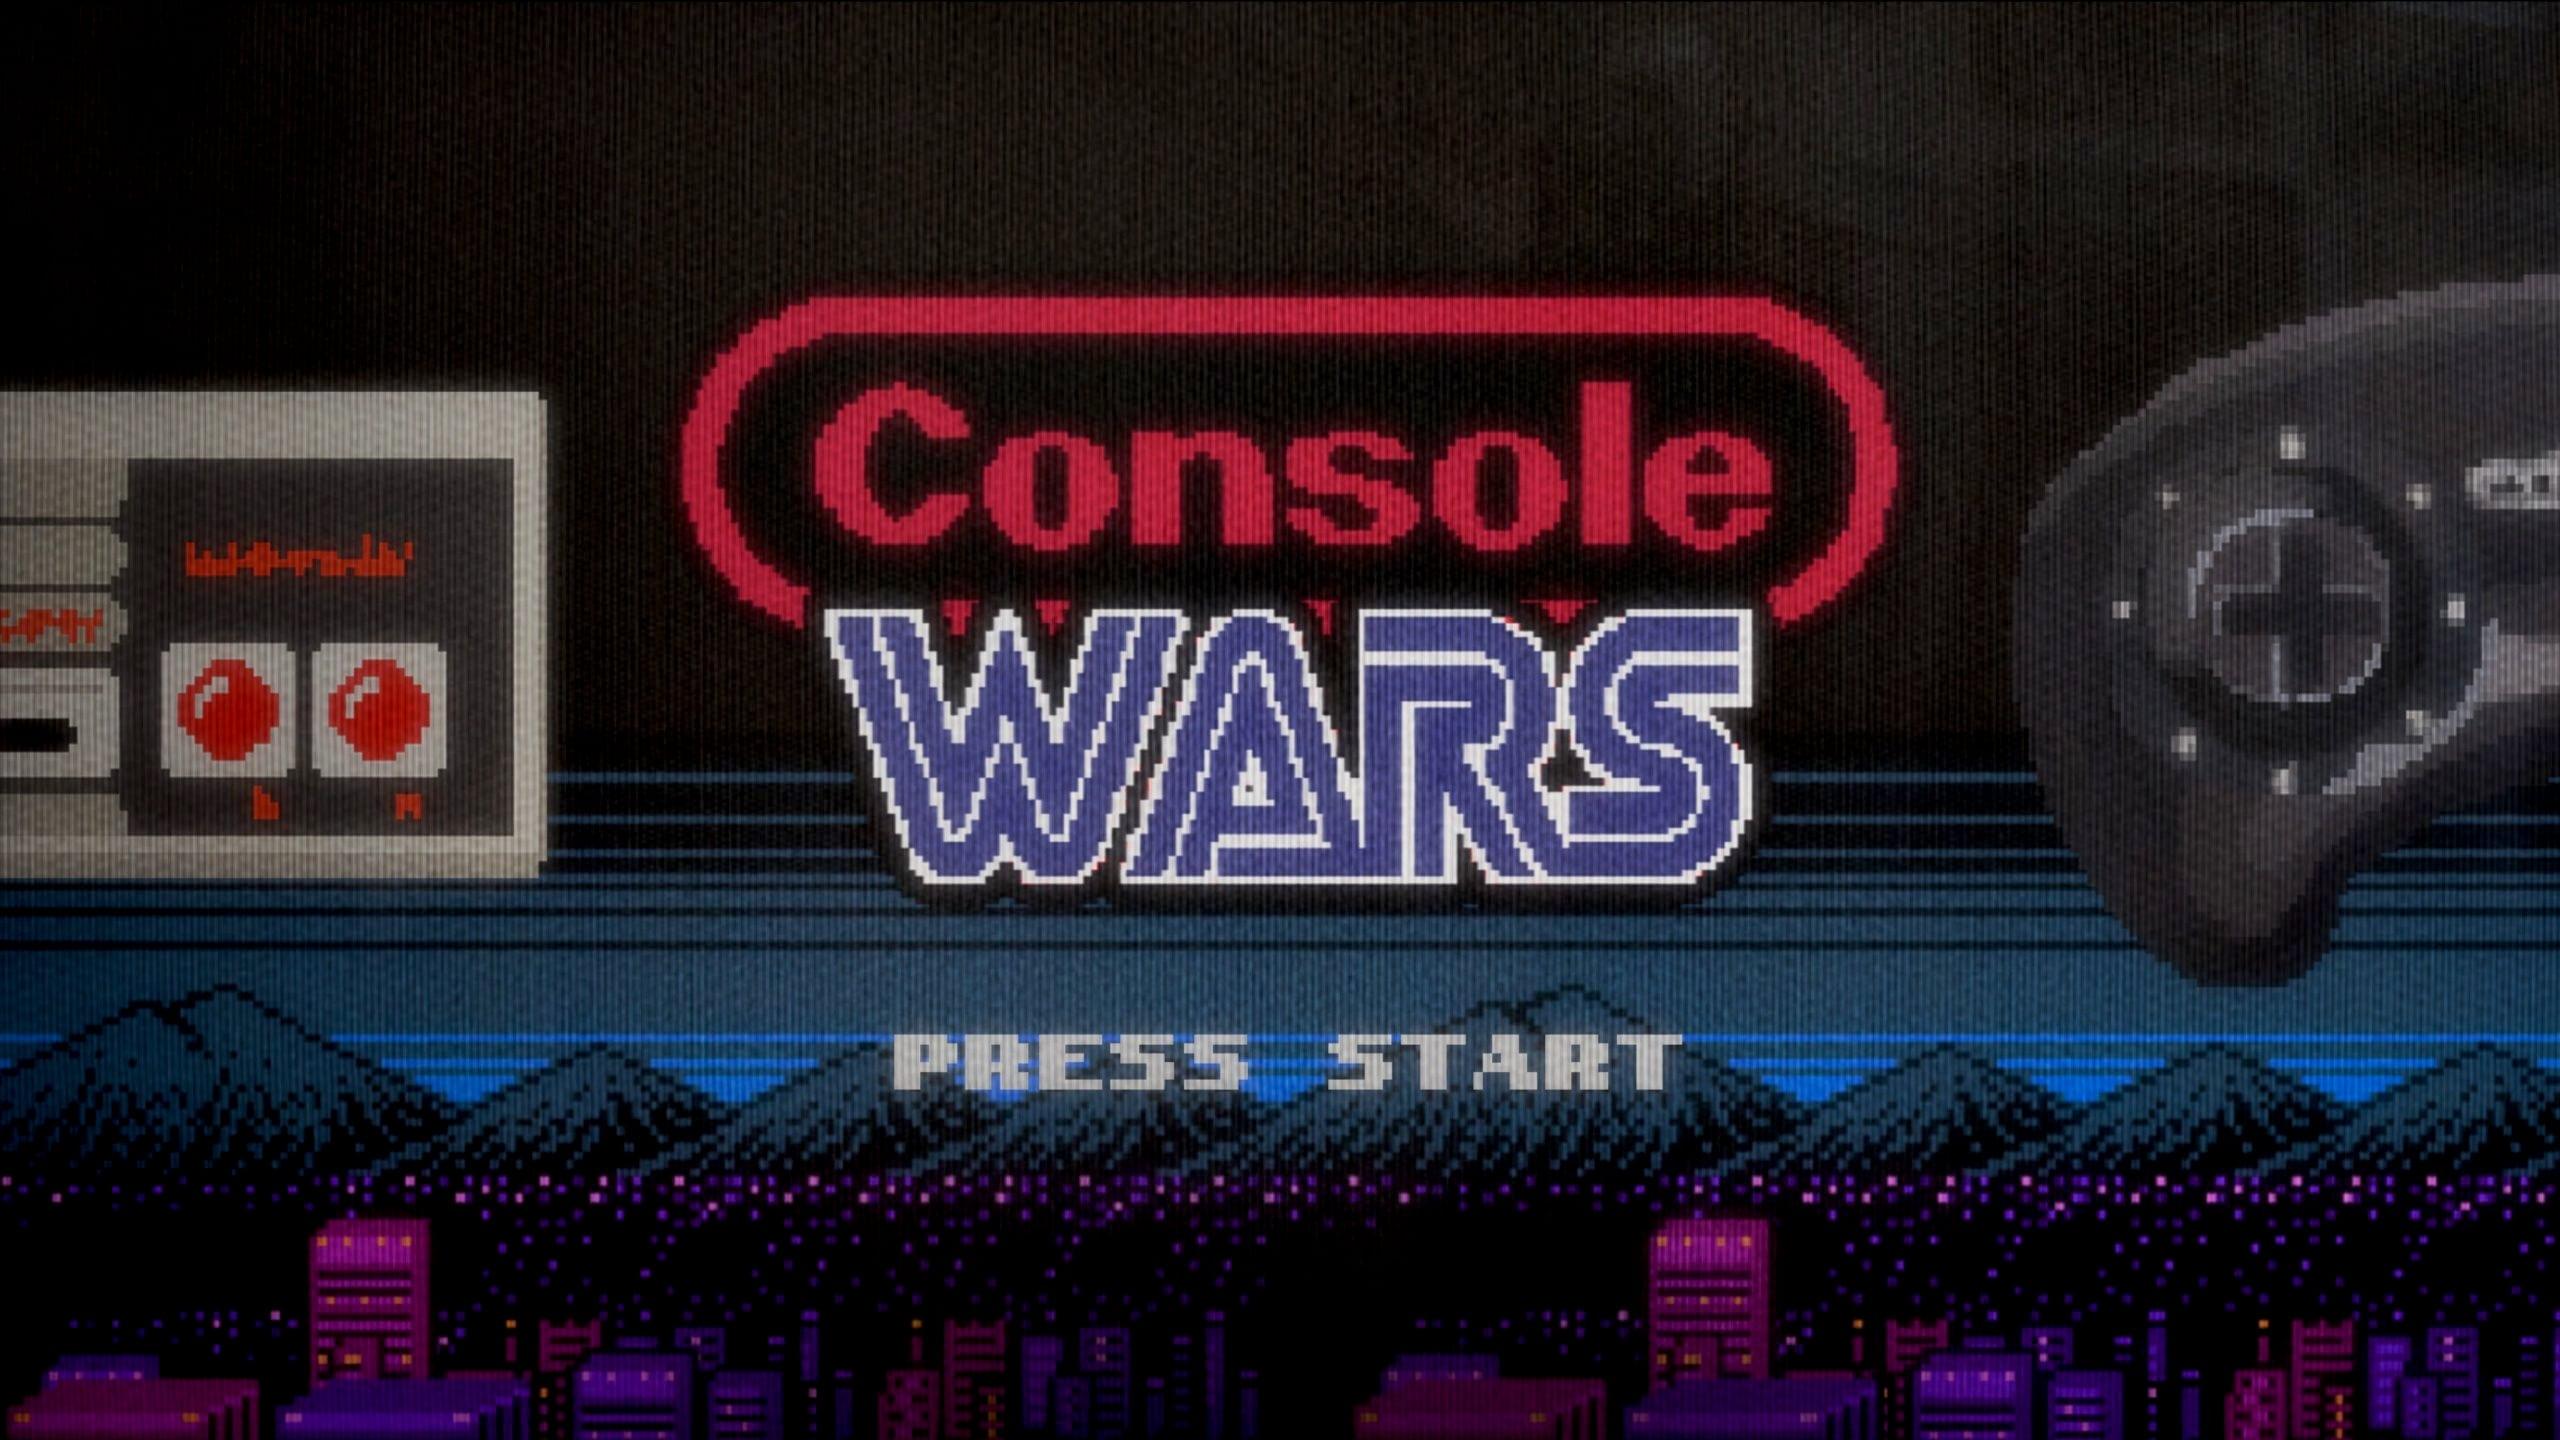 Guerra de Consolas